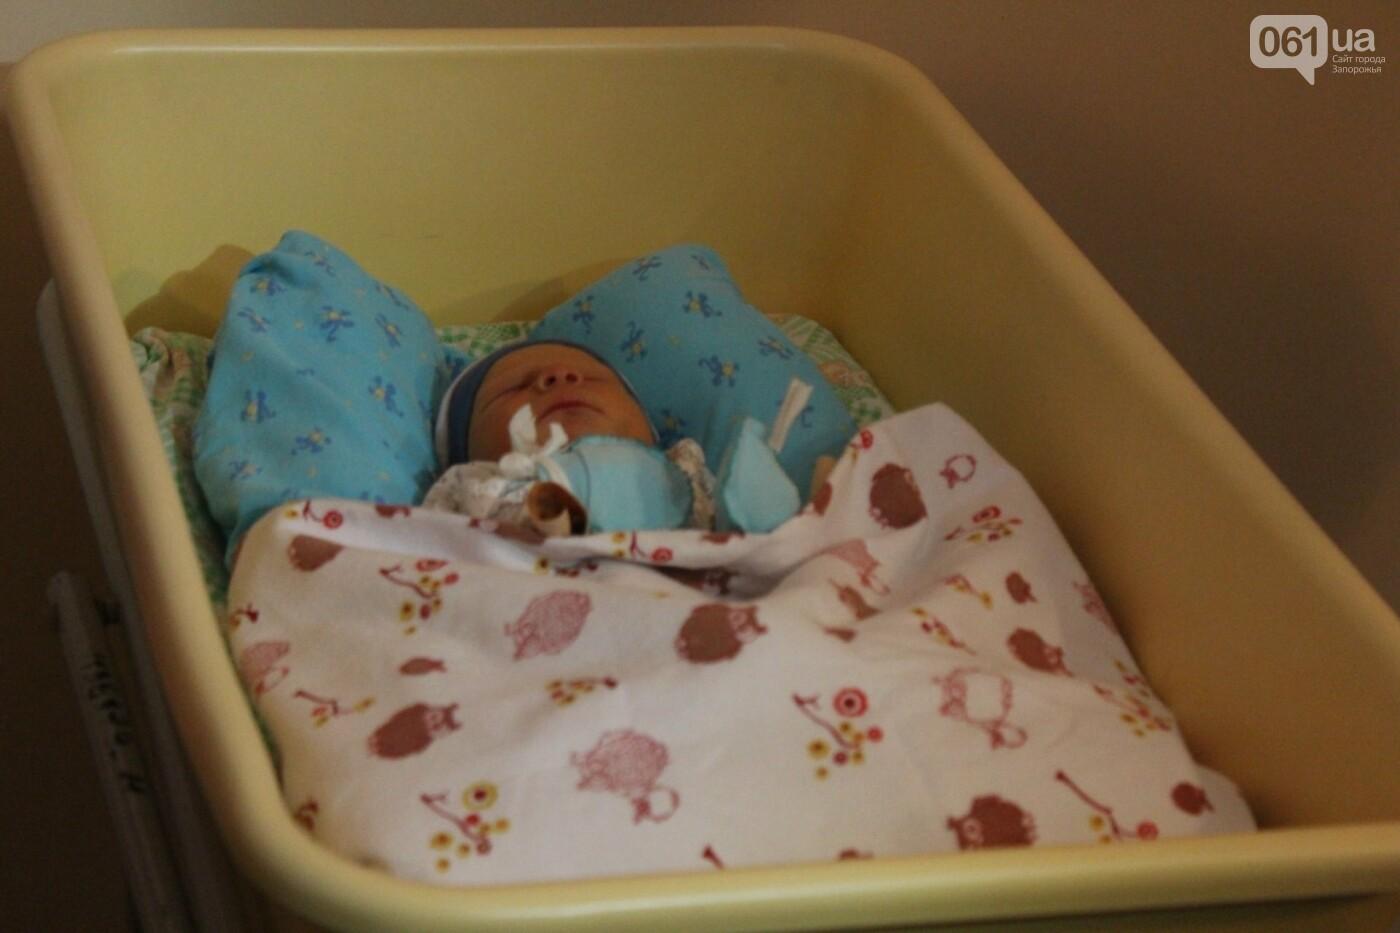 В Запорожье 1 января родились четыре мальчика и девочка, - ФОТО, фото-1